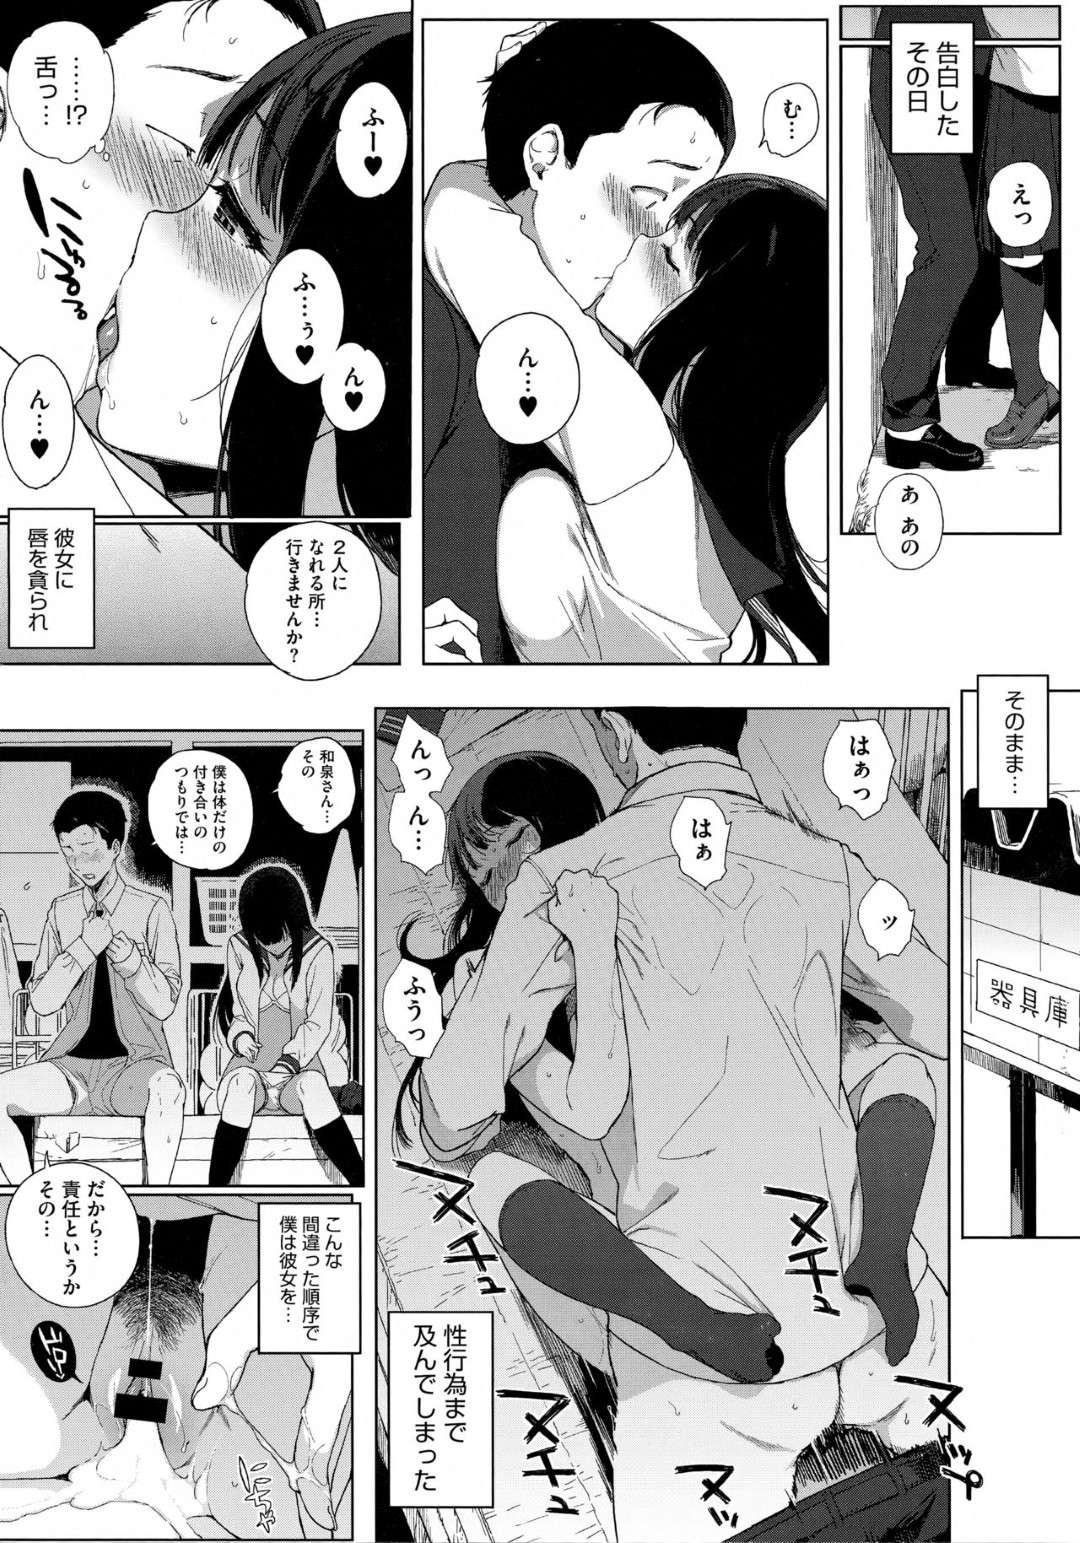 【エロ漫画】転校先で知り合った男とヤりまくる清楚系JK…見かけに反して淫乱な彼女は学校でこっそり彼にフェラしたり、用具室で生ハメセックスしたりする!【笹森トモエ:深窓の好奇心】